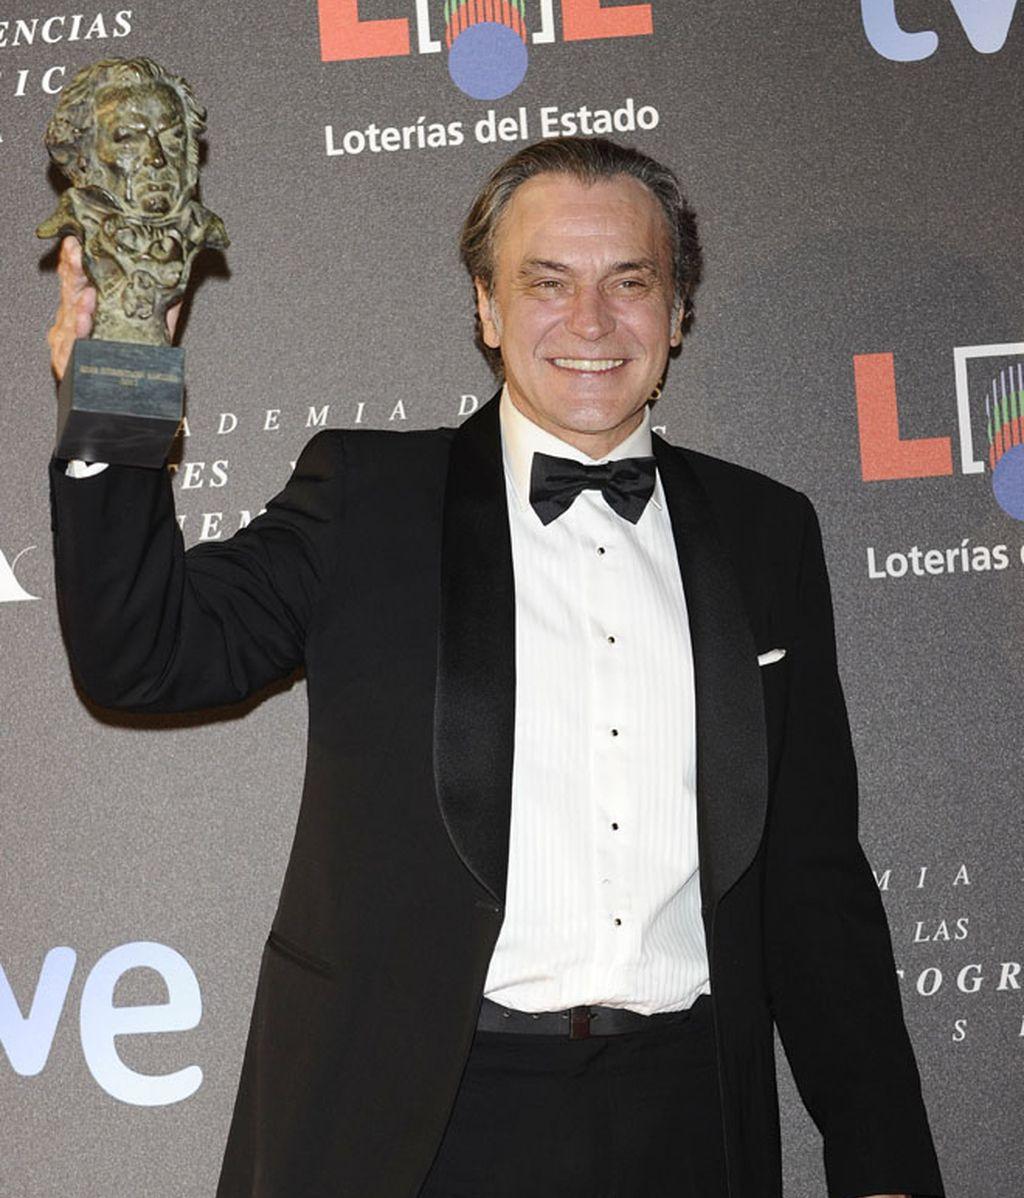 Los chicos en la gala: ¡Los españoles no sabemos llevar esmoquin!